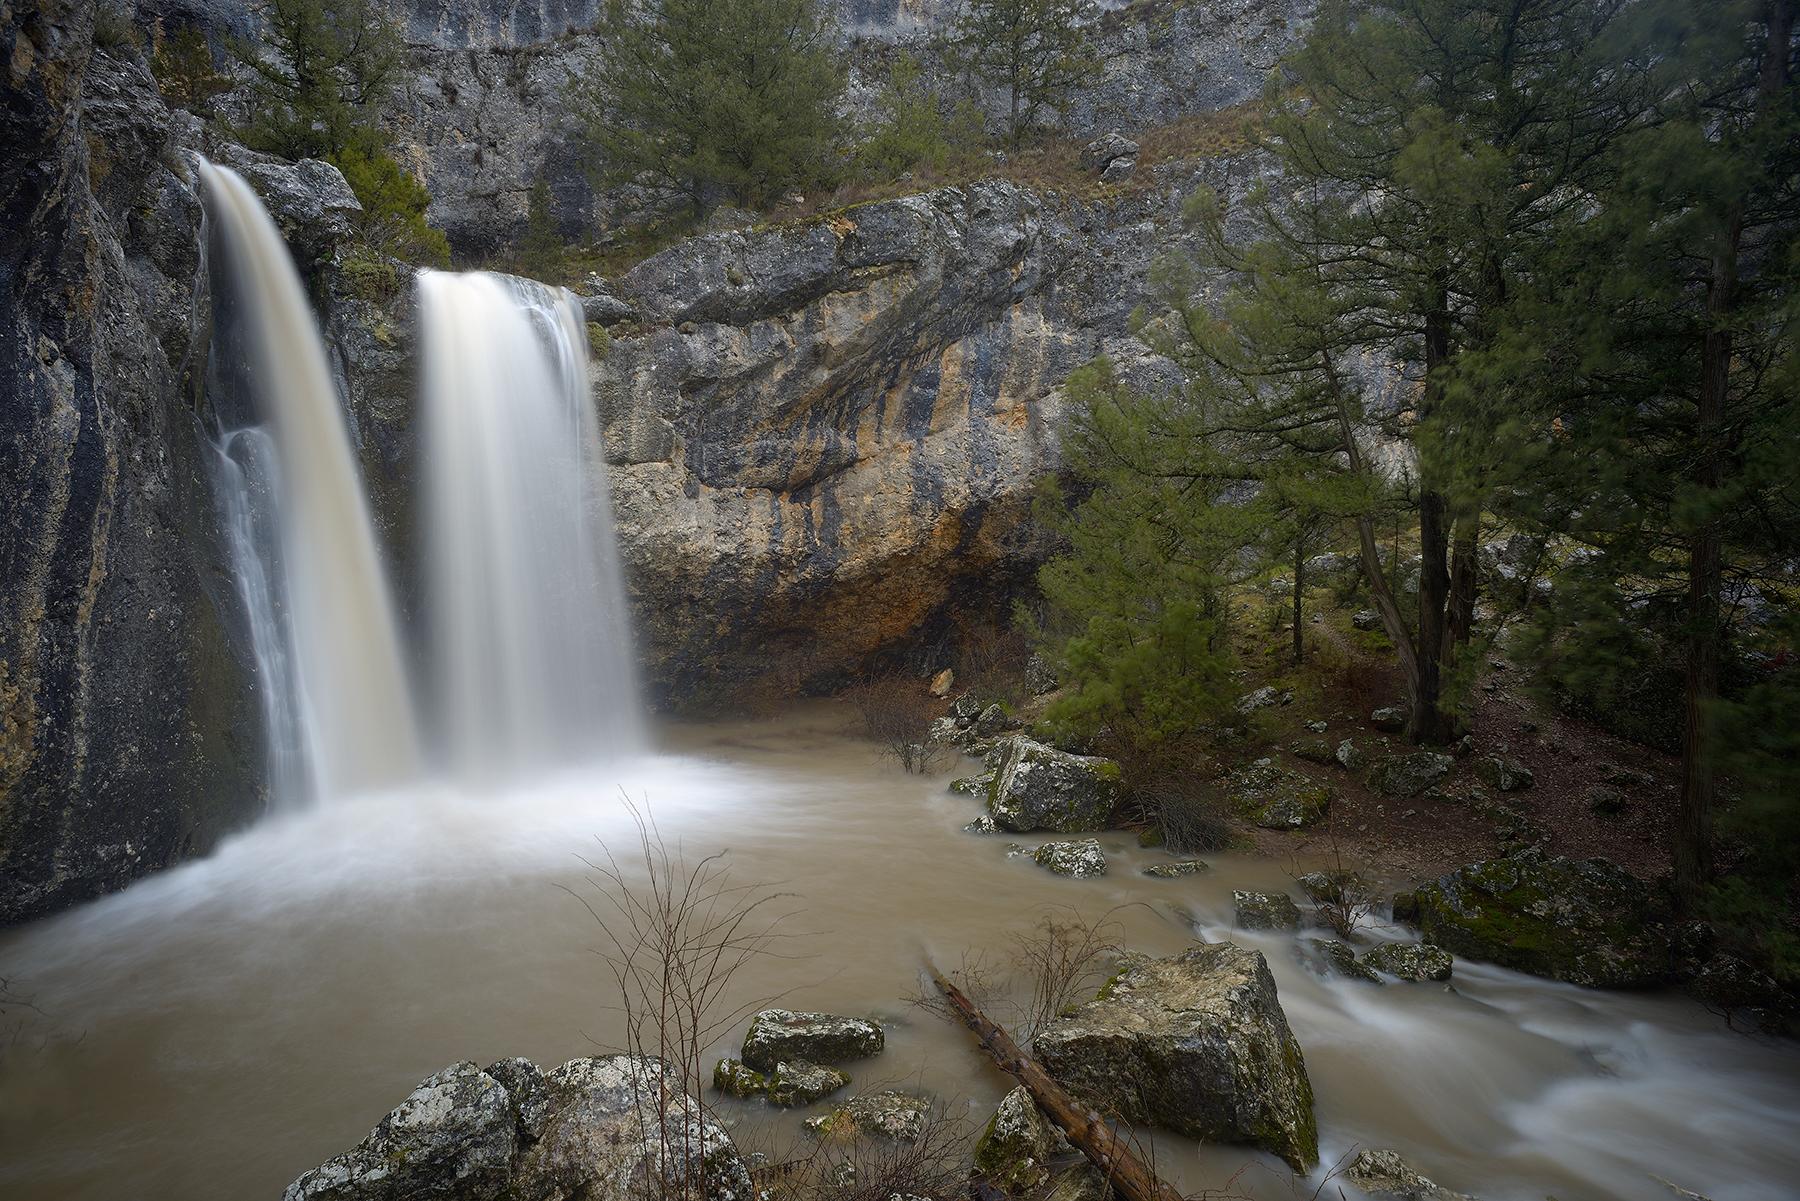 El Departamento de Geografía en la prensa: a propósito de las cascadas en Castilla y León